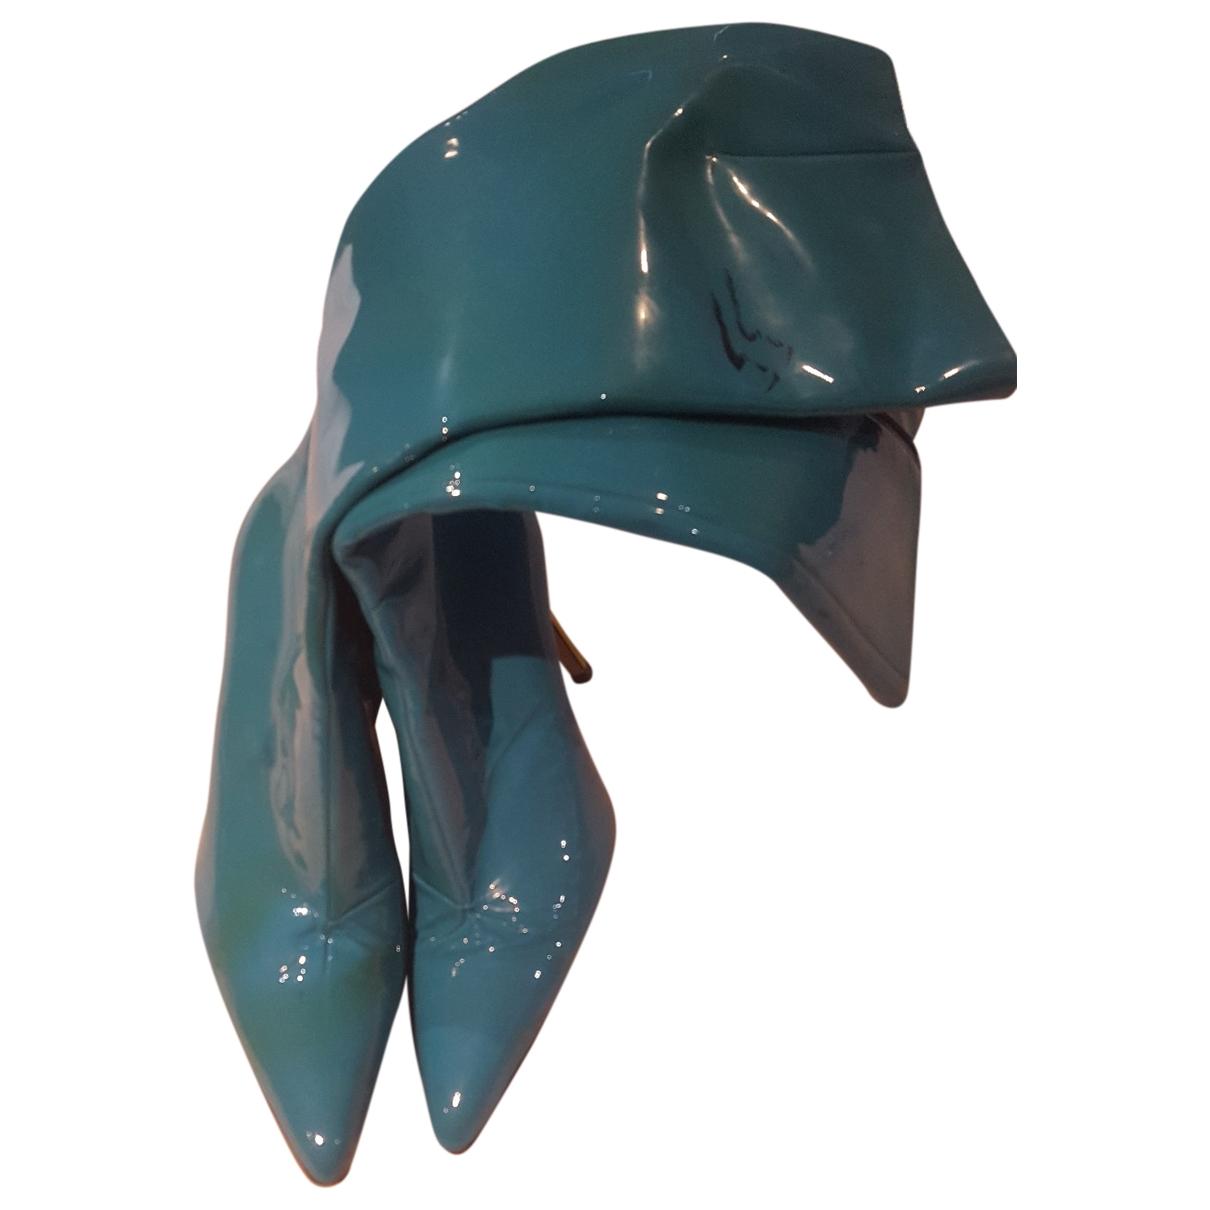 Gina - Bottes   pour femme en cuir verni - turquoise